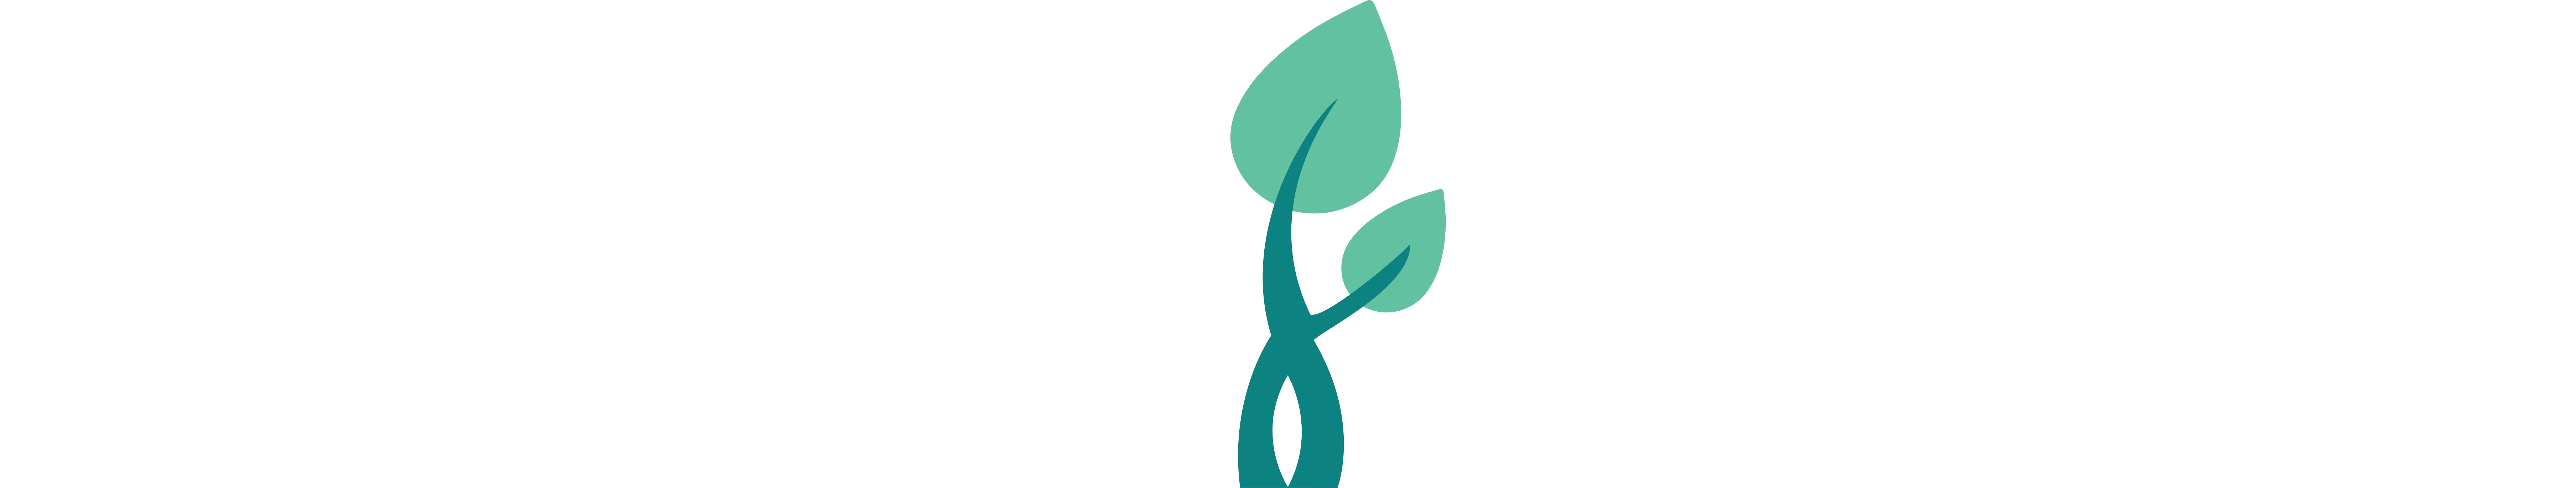 terdorpe tree tip